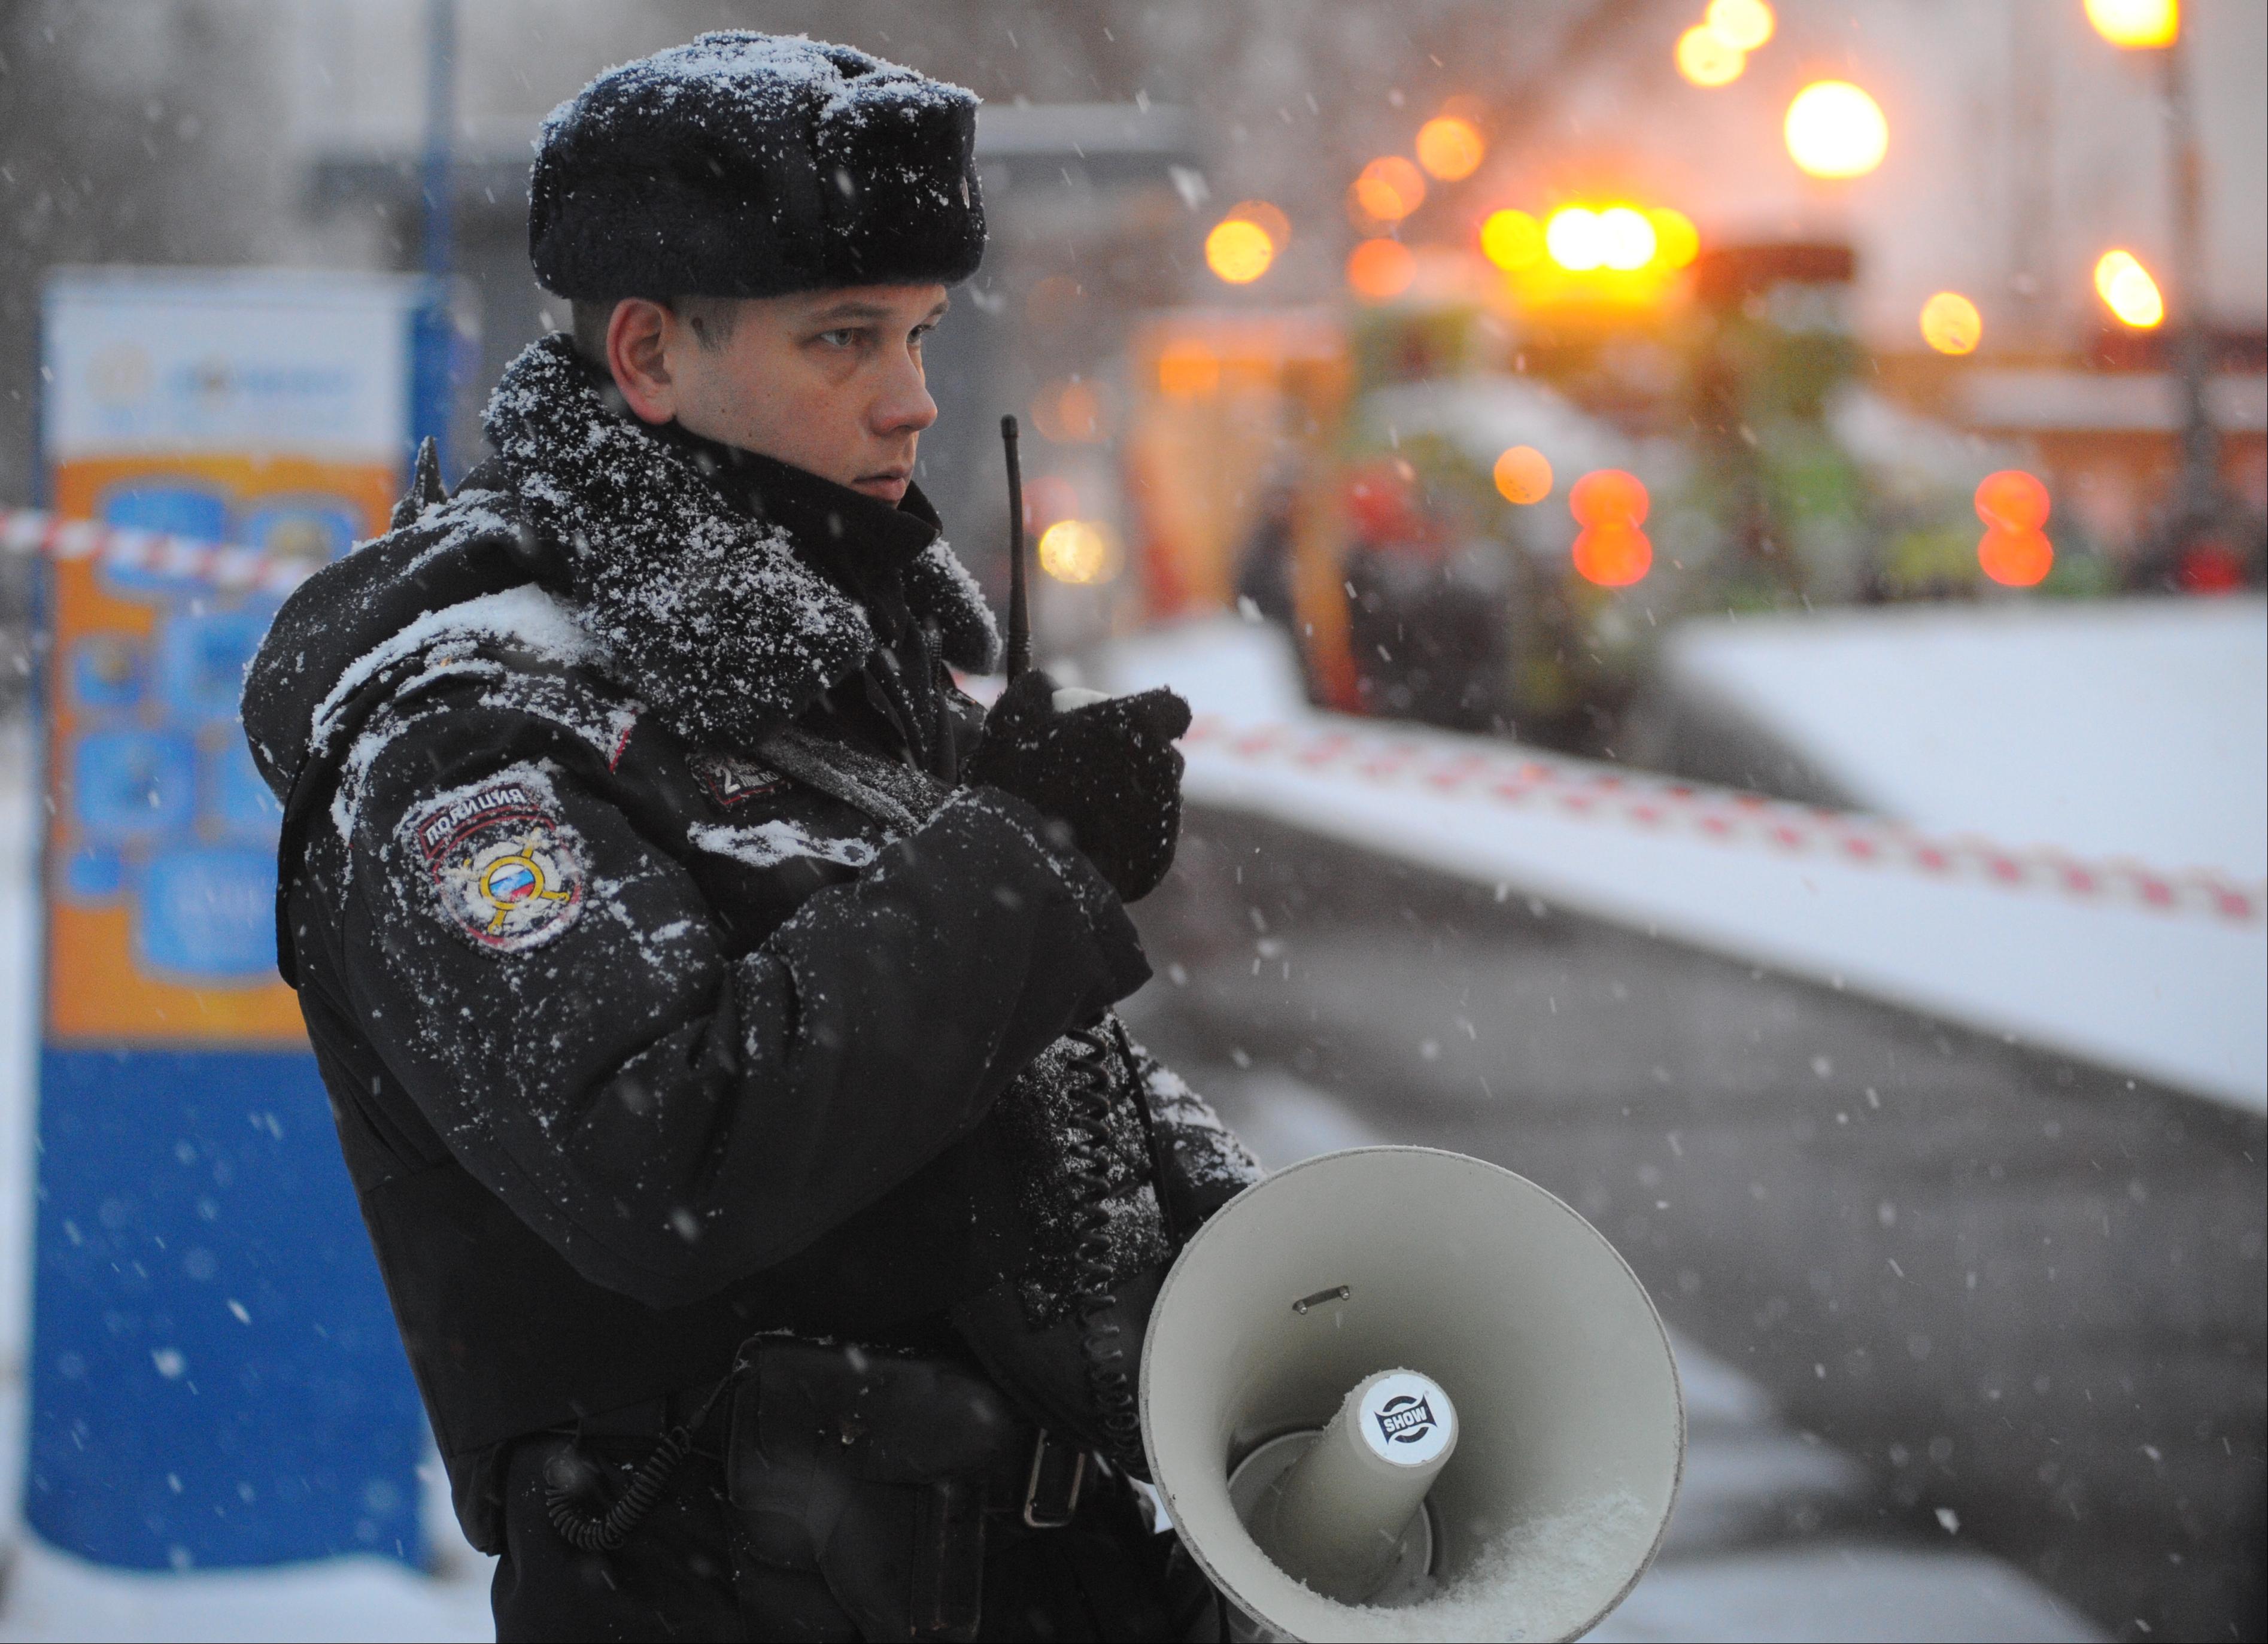 Лихачи стали главными нарушителями ПДД в Москве